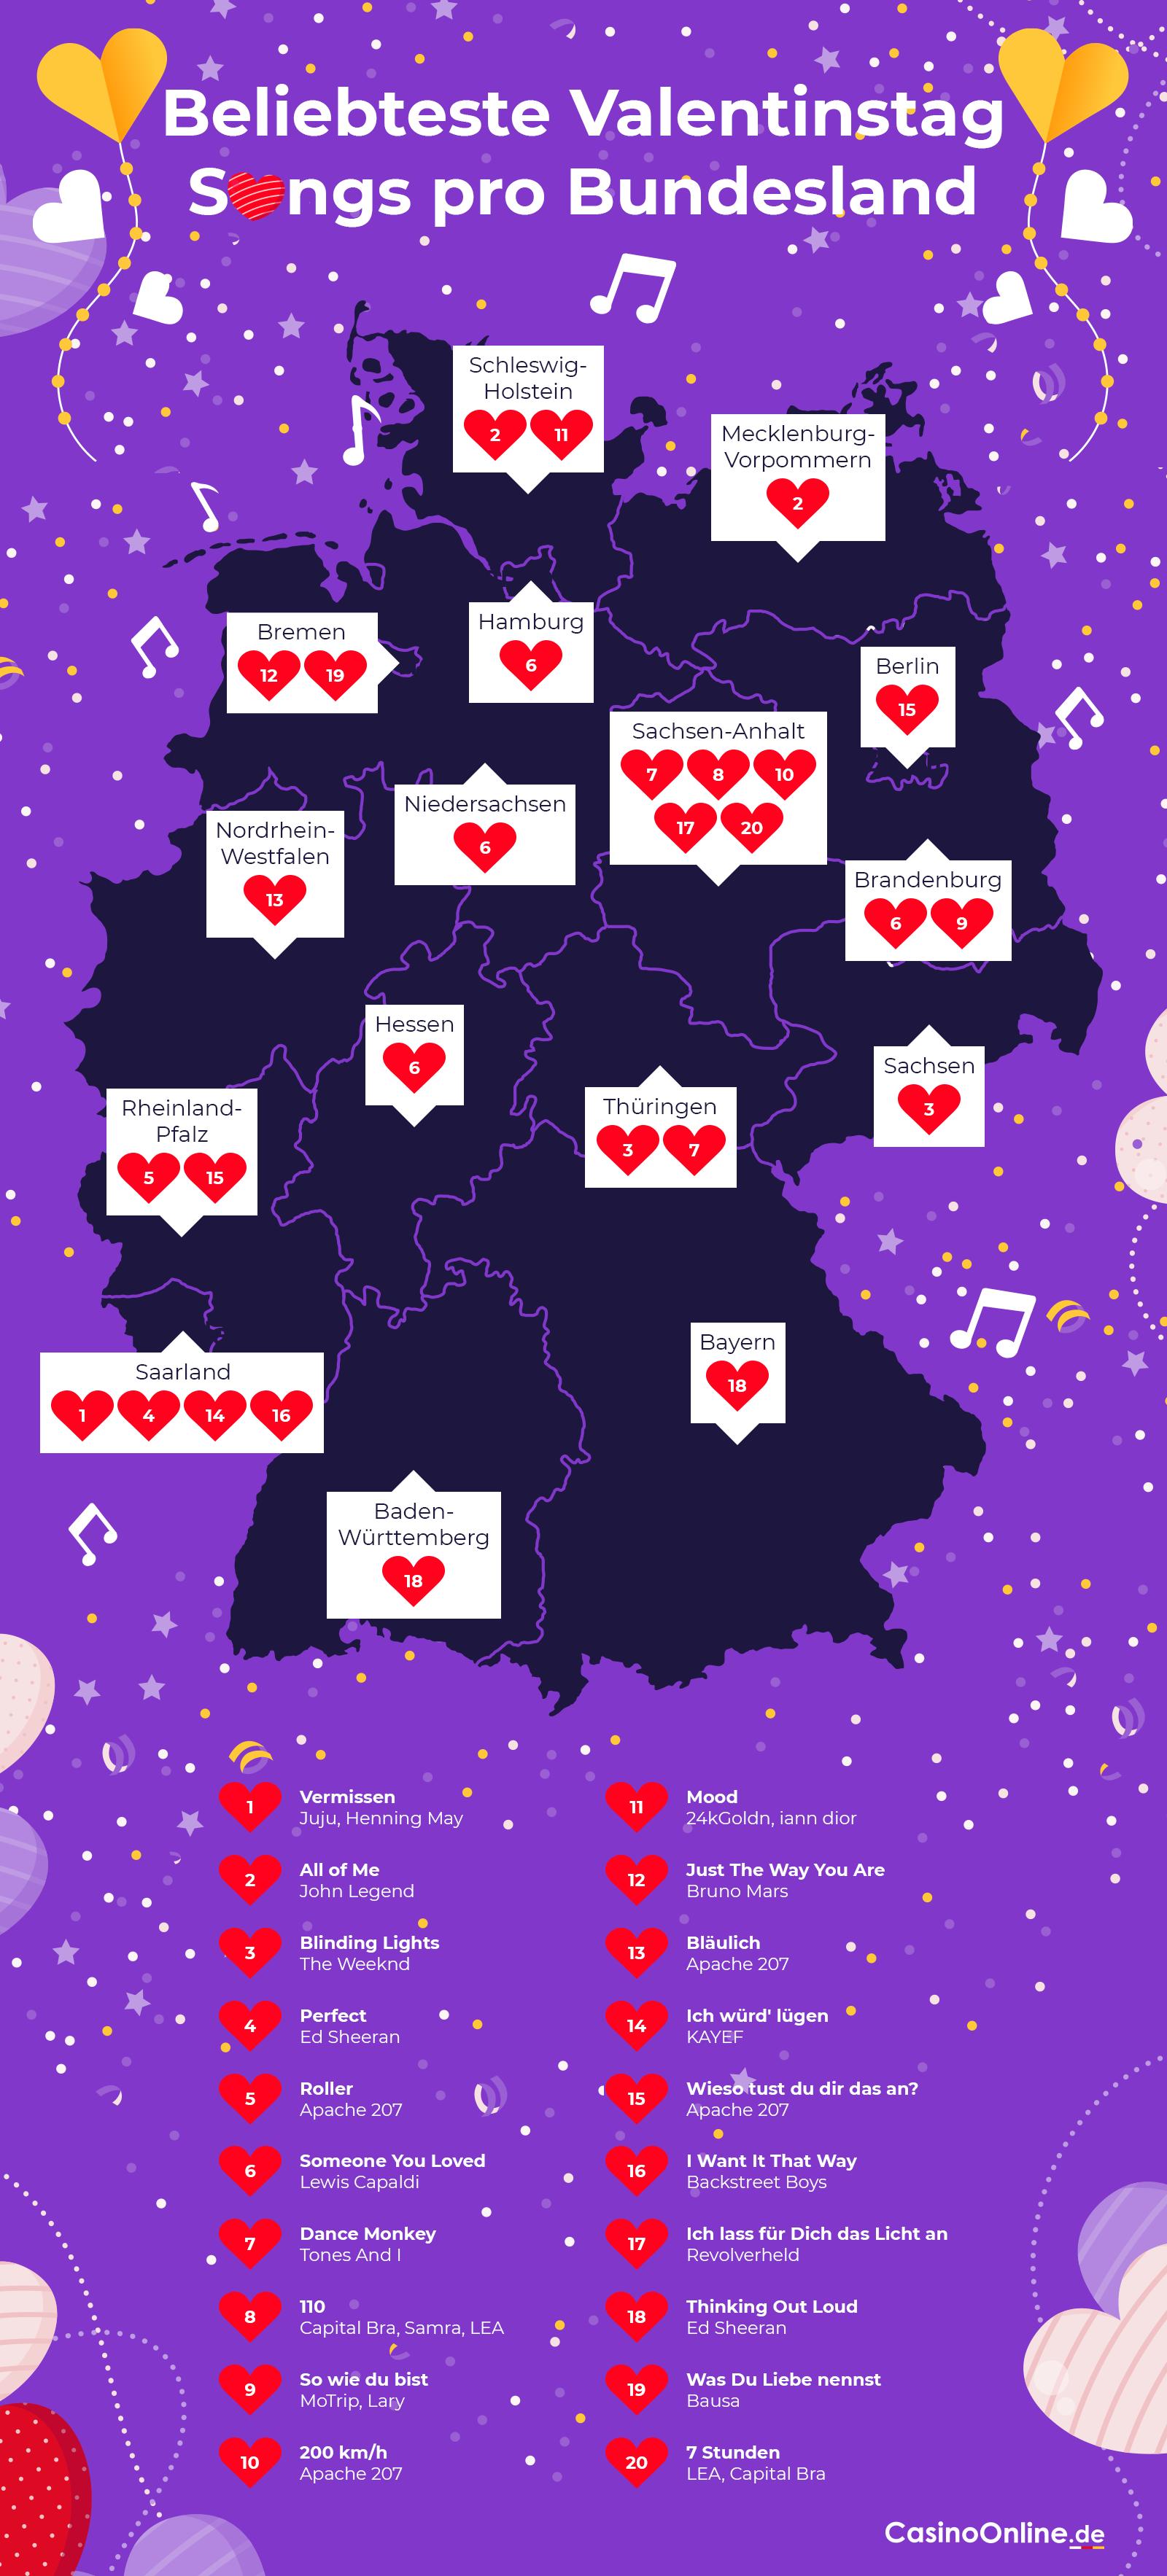 Beliebteste Songs zum Valentinstag nach Bundesland